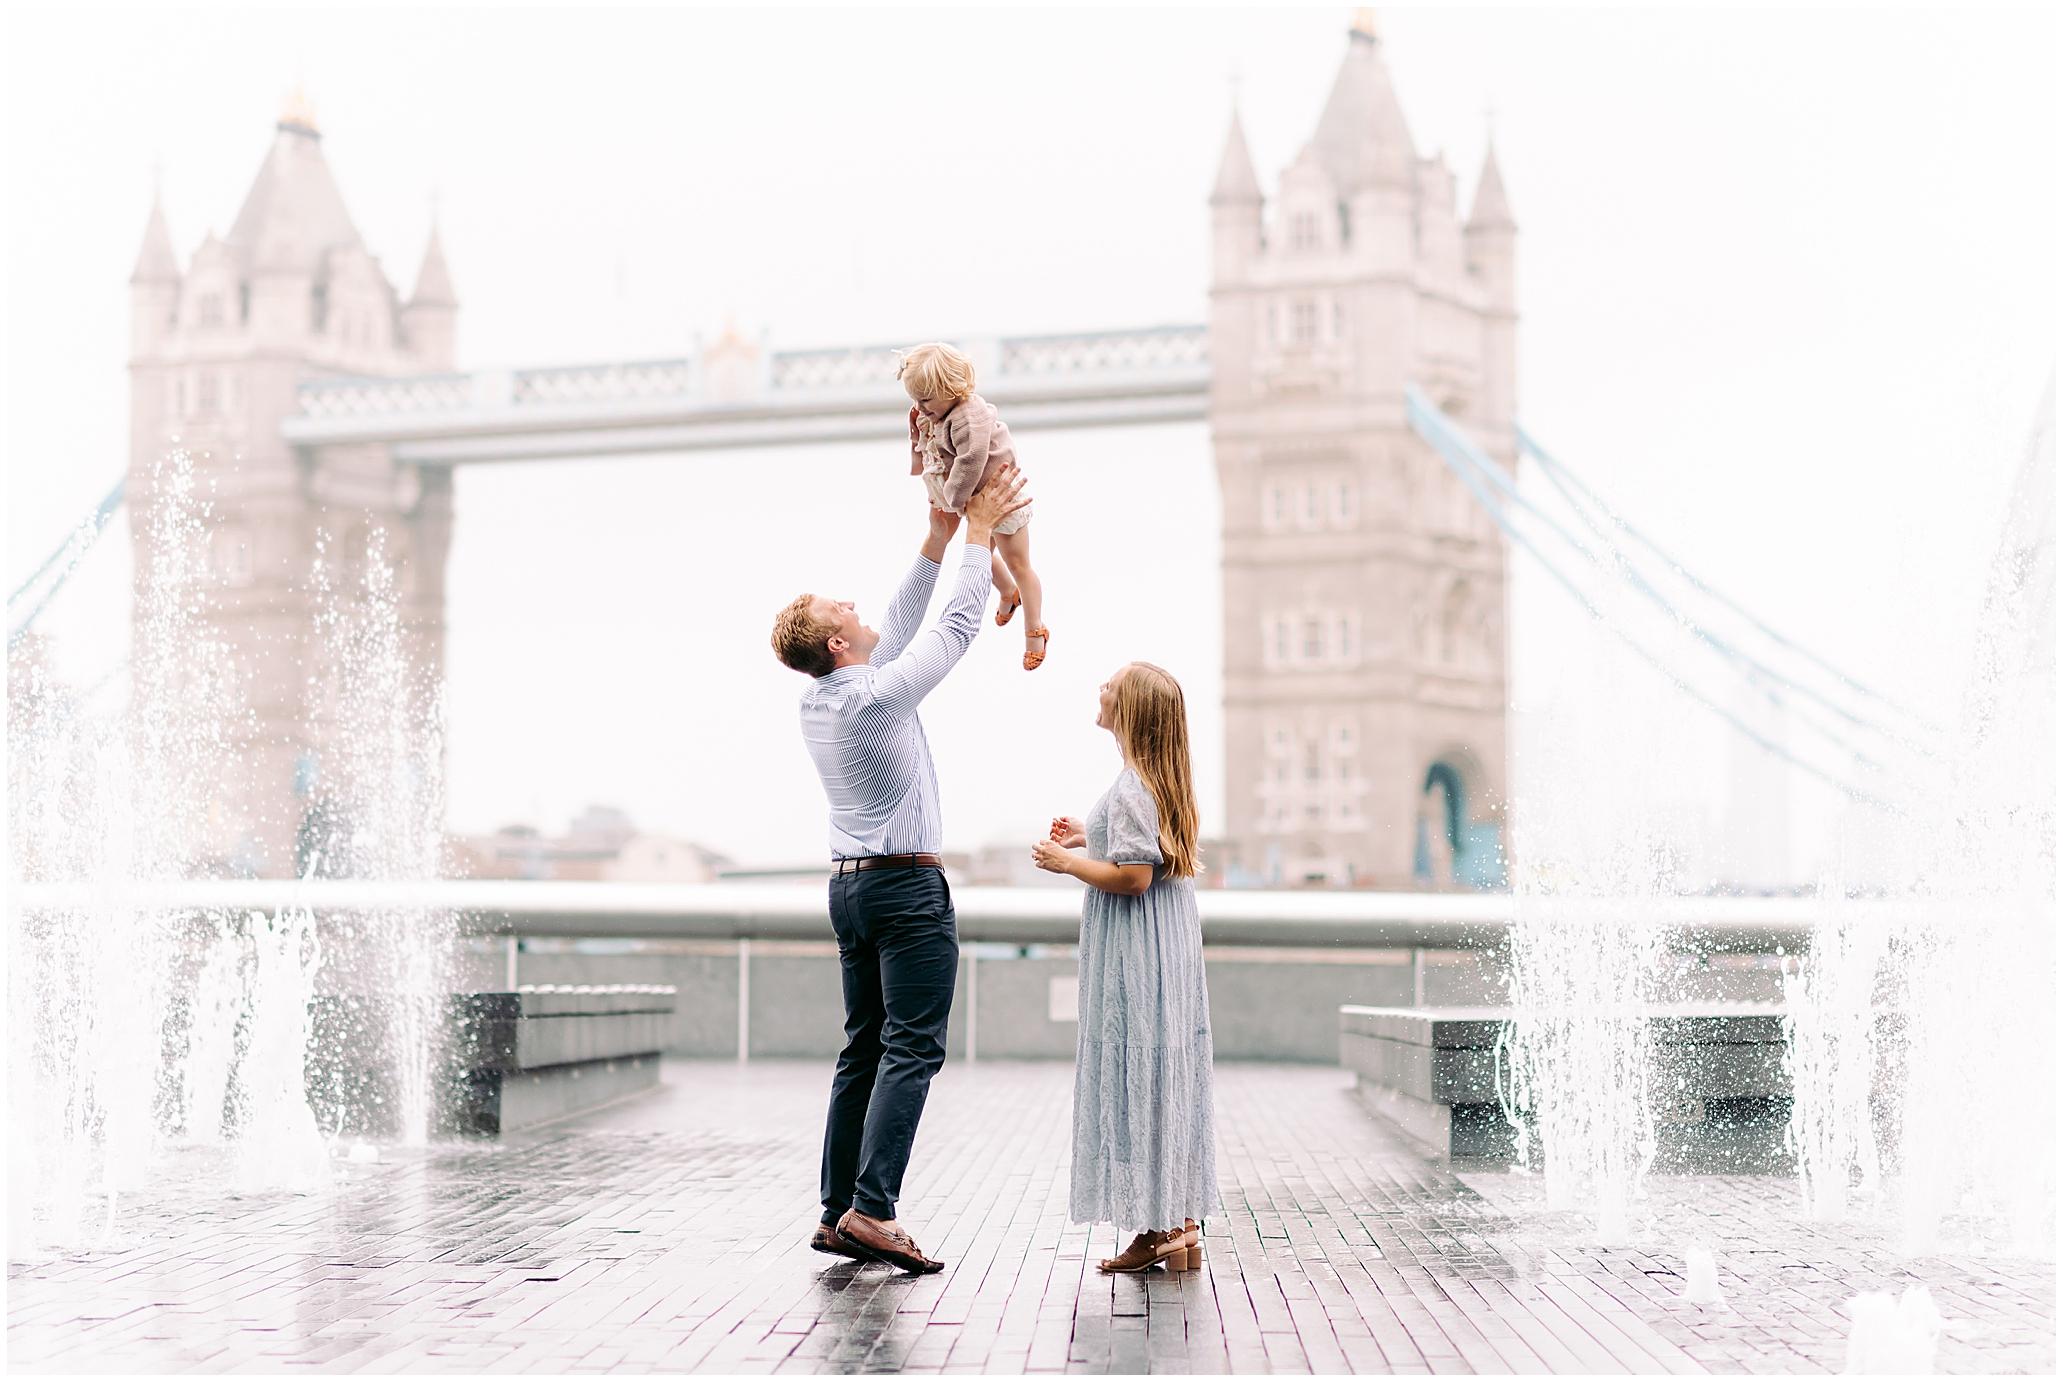 London family photographer, Tower Bridge - family - London Family shootLondon engagementNkimaPhotography 0001